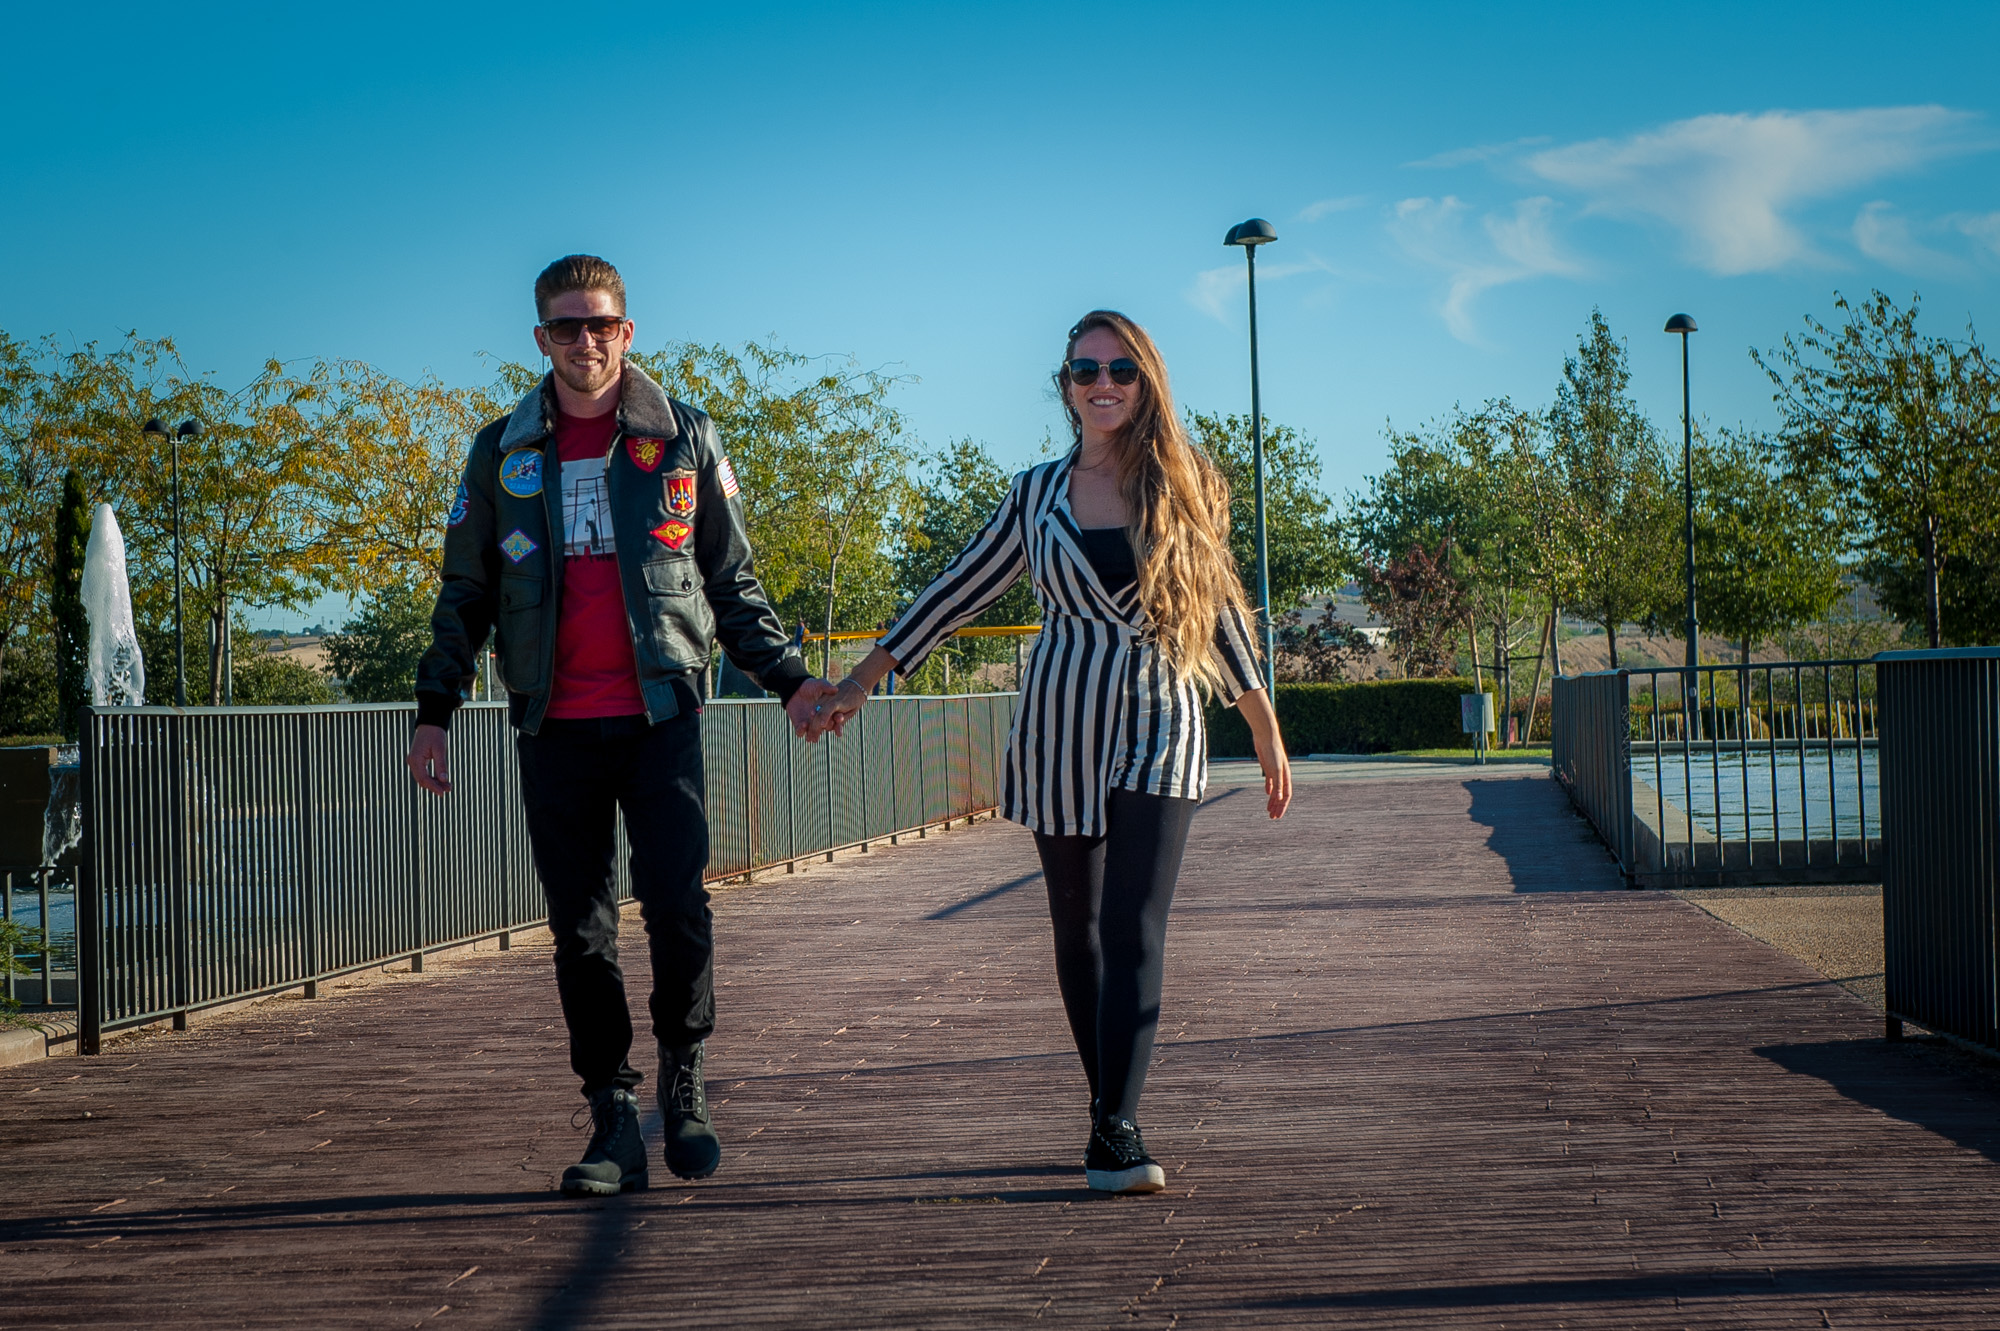 fotografía de parejas